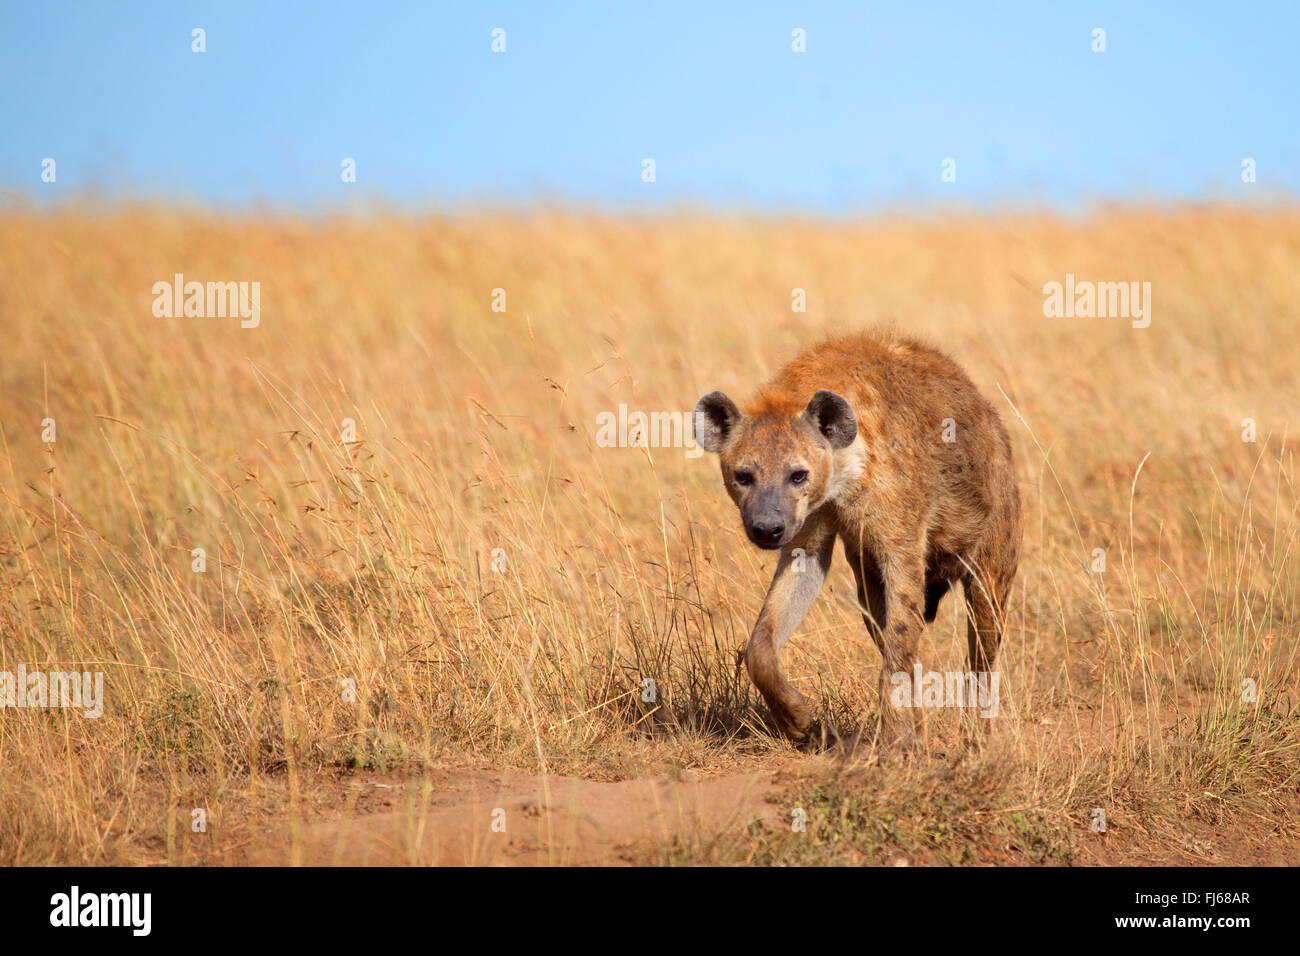 spotted hyena (Crocuta crocuta), walks in savannah, Kenya, Masai Mara National Park Stock Photo